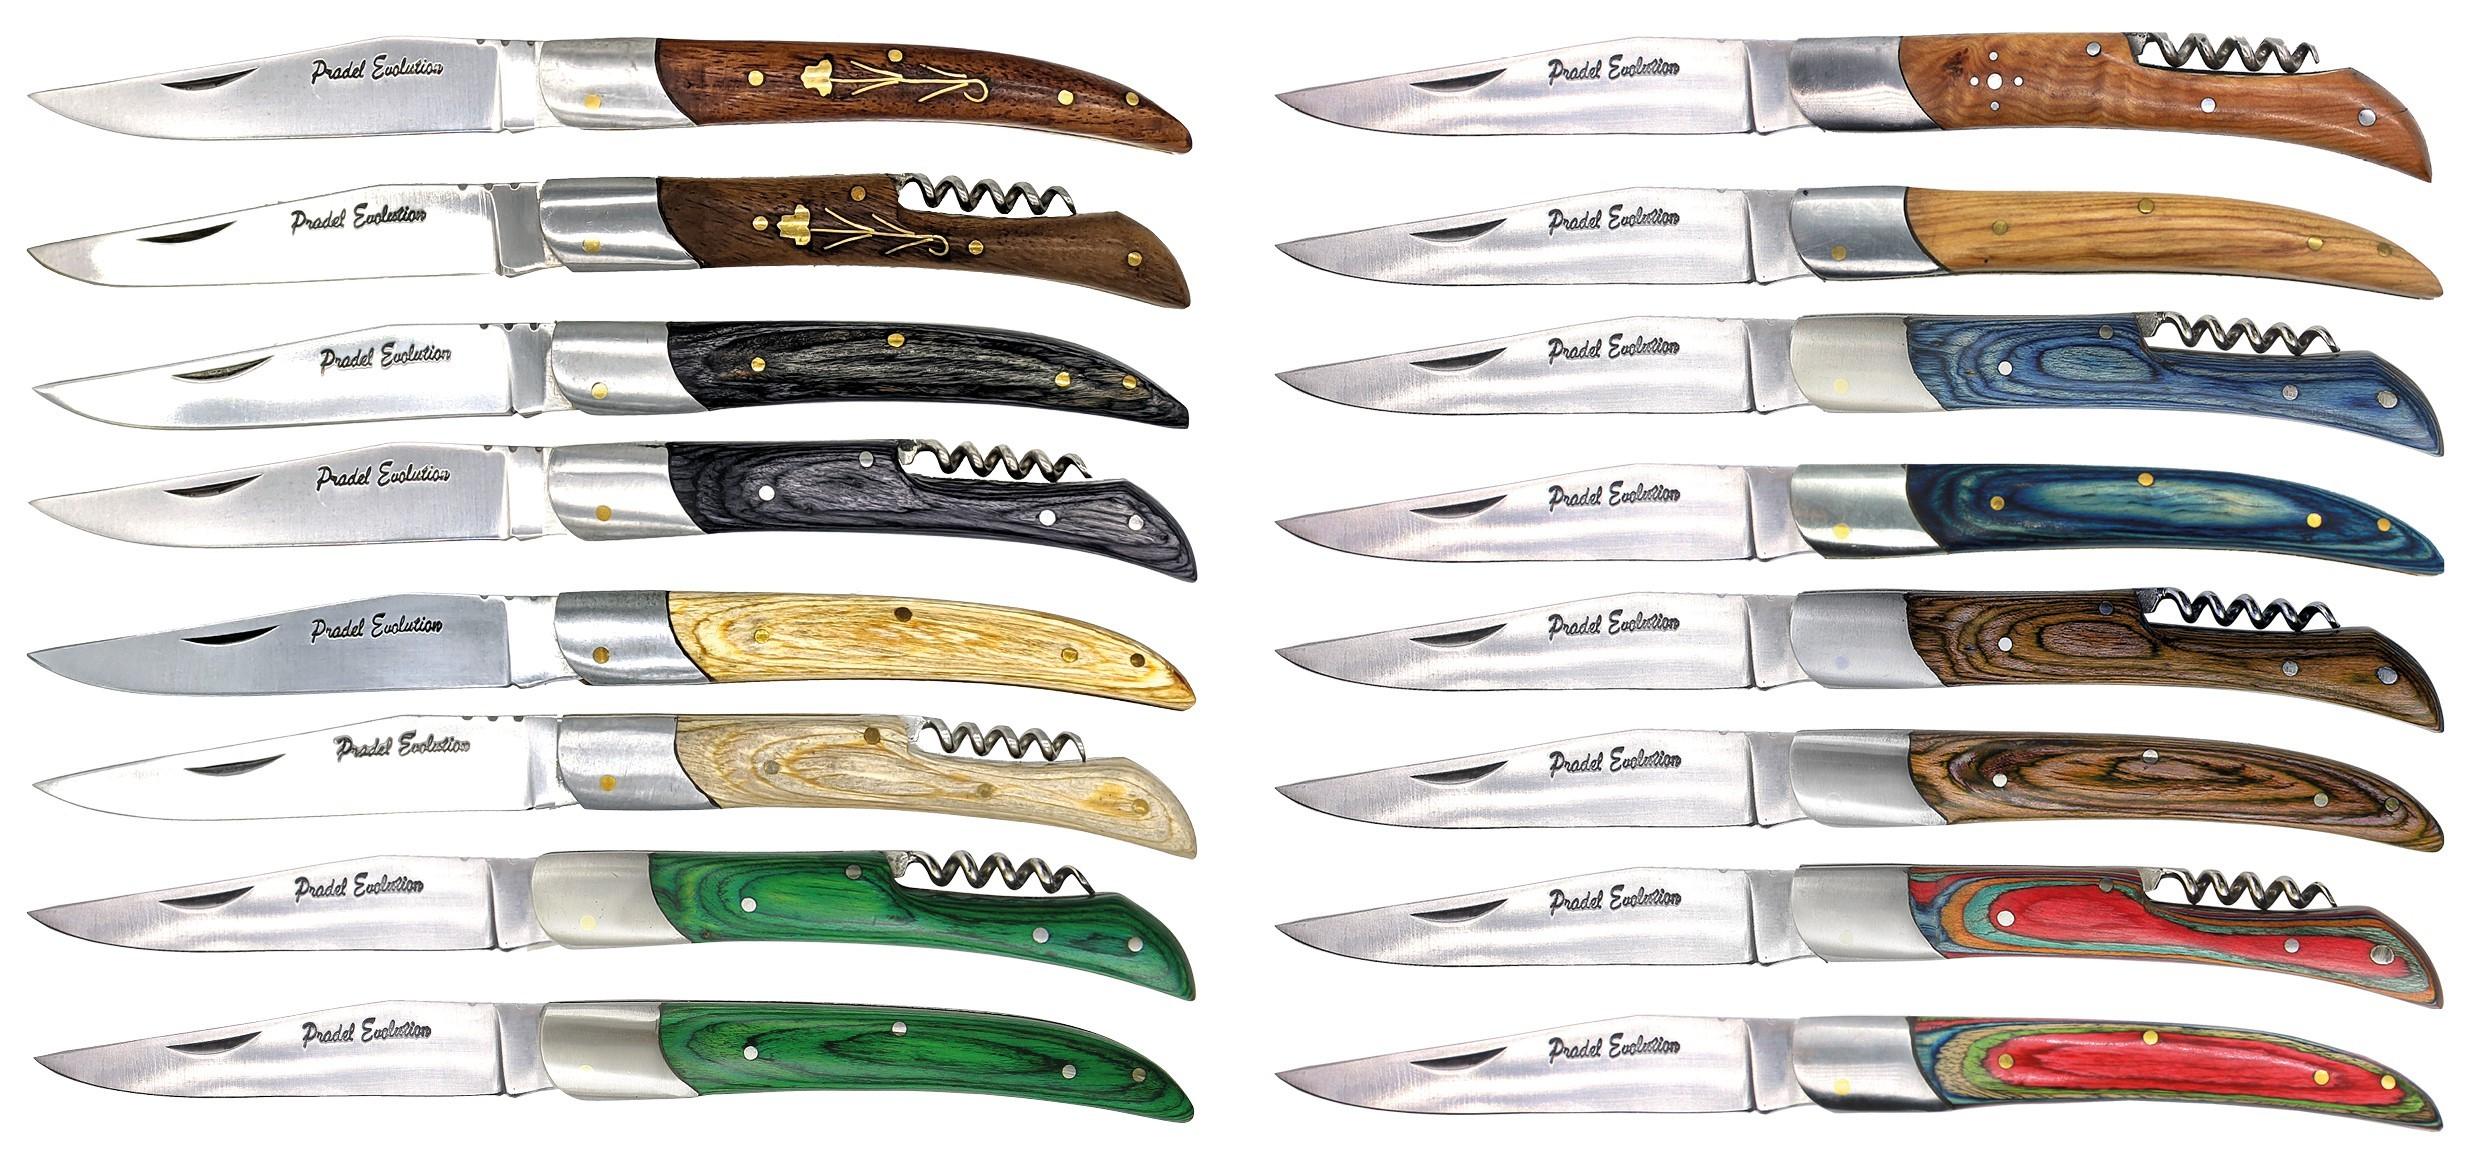 Pack de 16 couteaux de poche Pradel Evolution